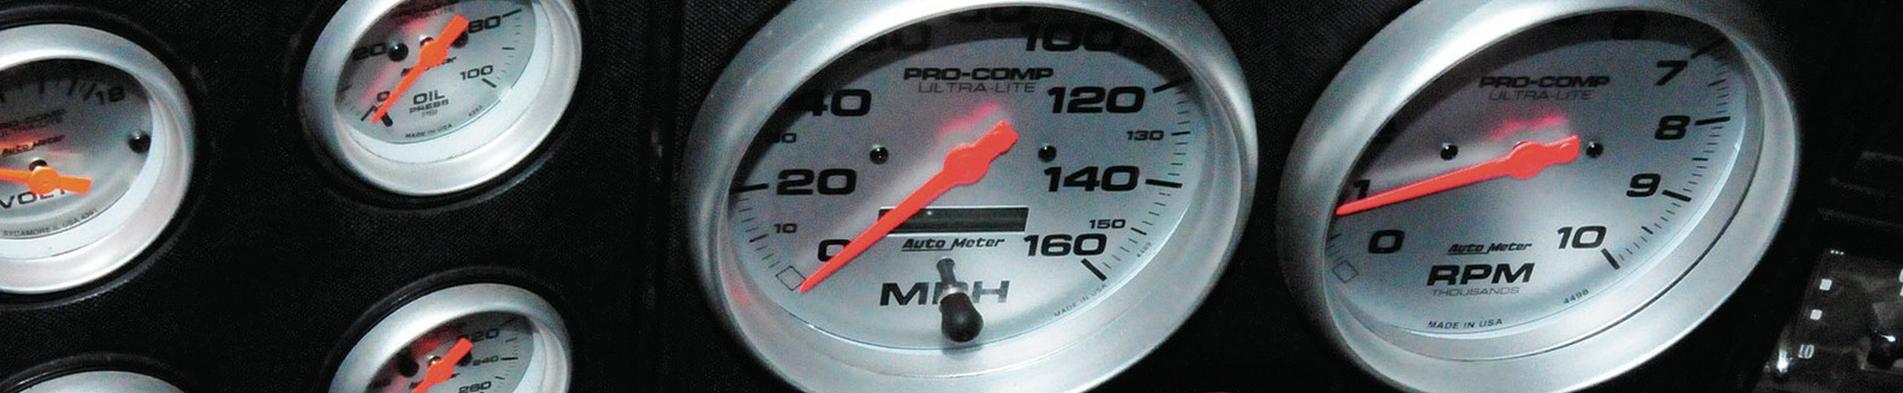 autometer-banner.jpg